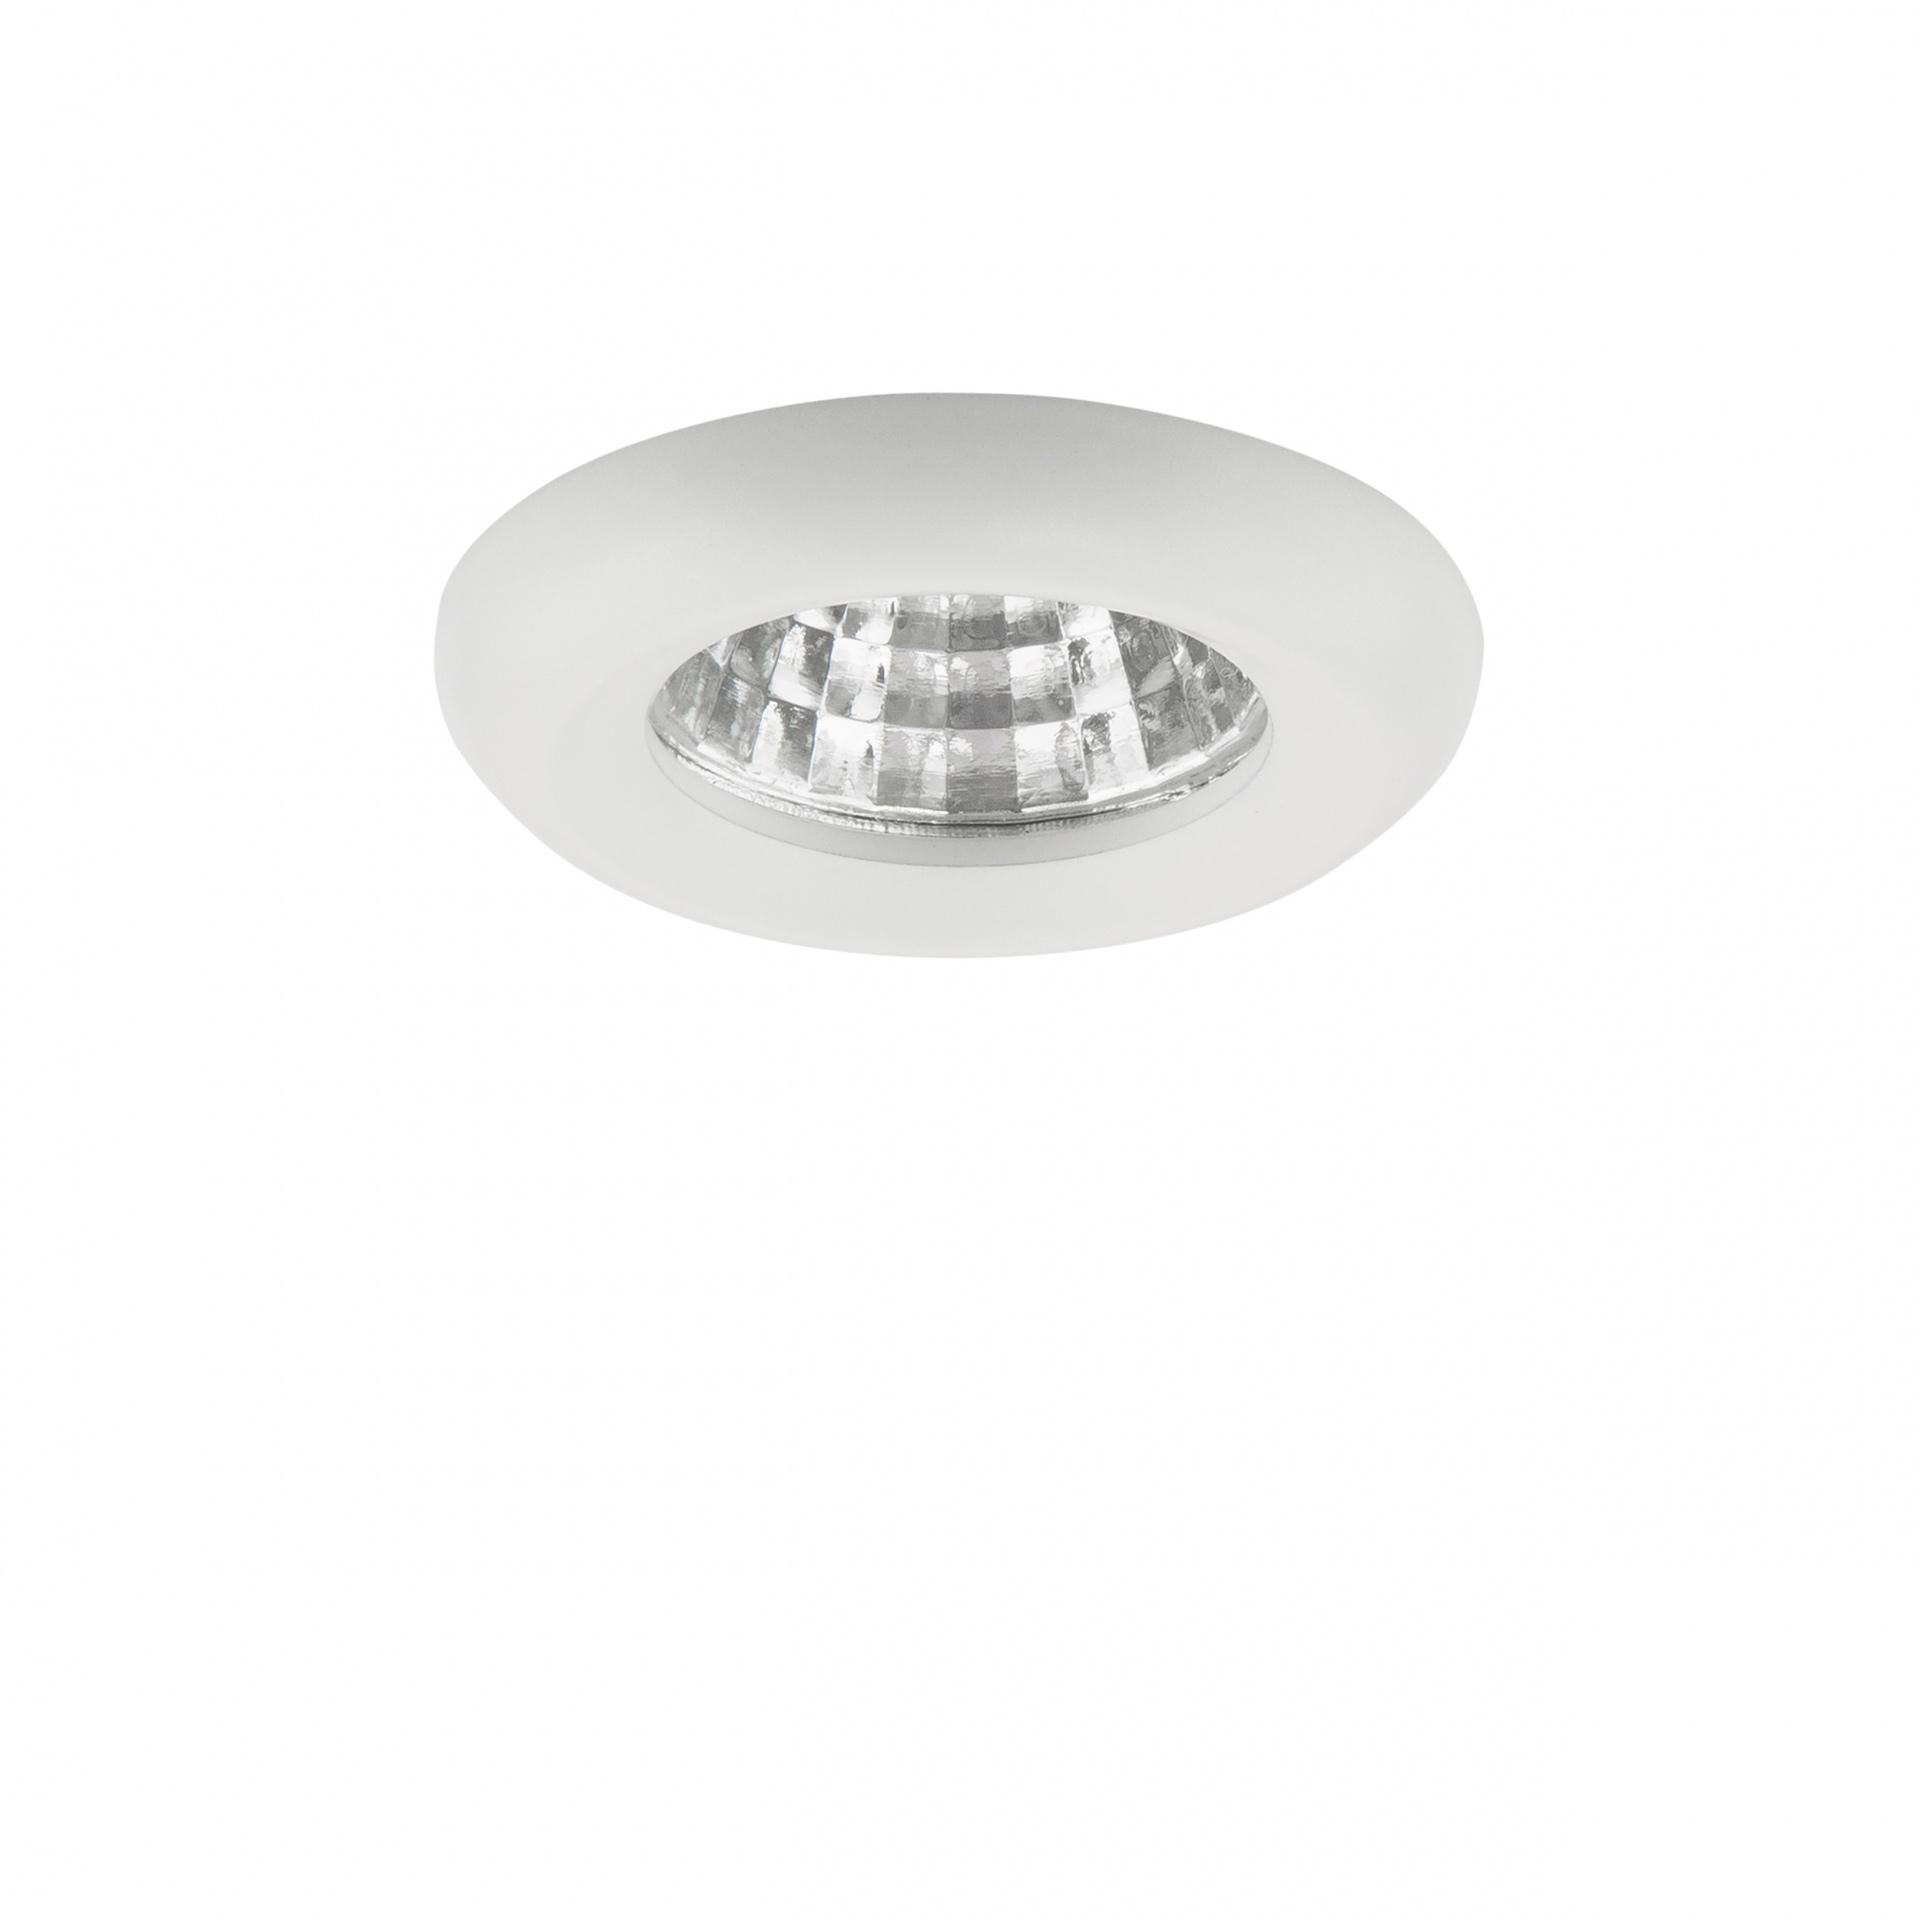 Светильник Monde LED 1W 80LM 18G белый 3000K Lightstar 071016, купить в СПб, Москве, с доставкой, Санкт-Петербург, интернет-магазин люстр и светильников Starlight, фото в жизни